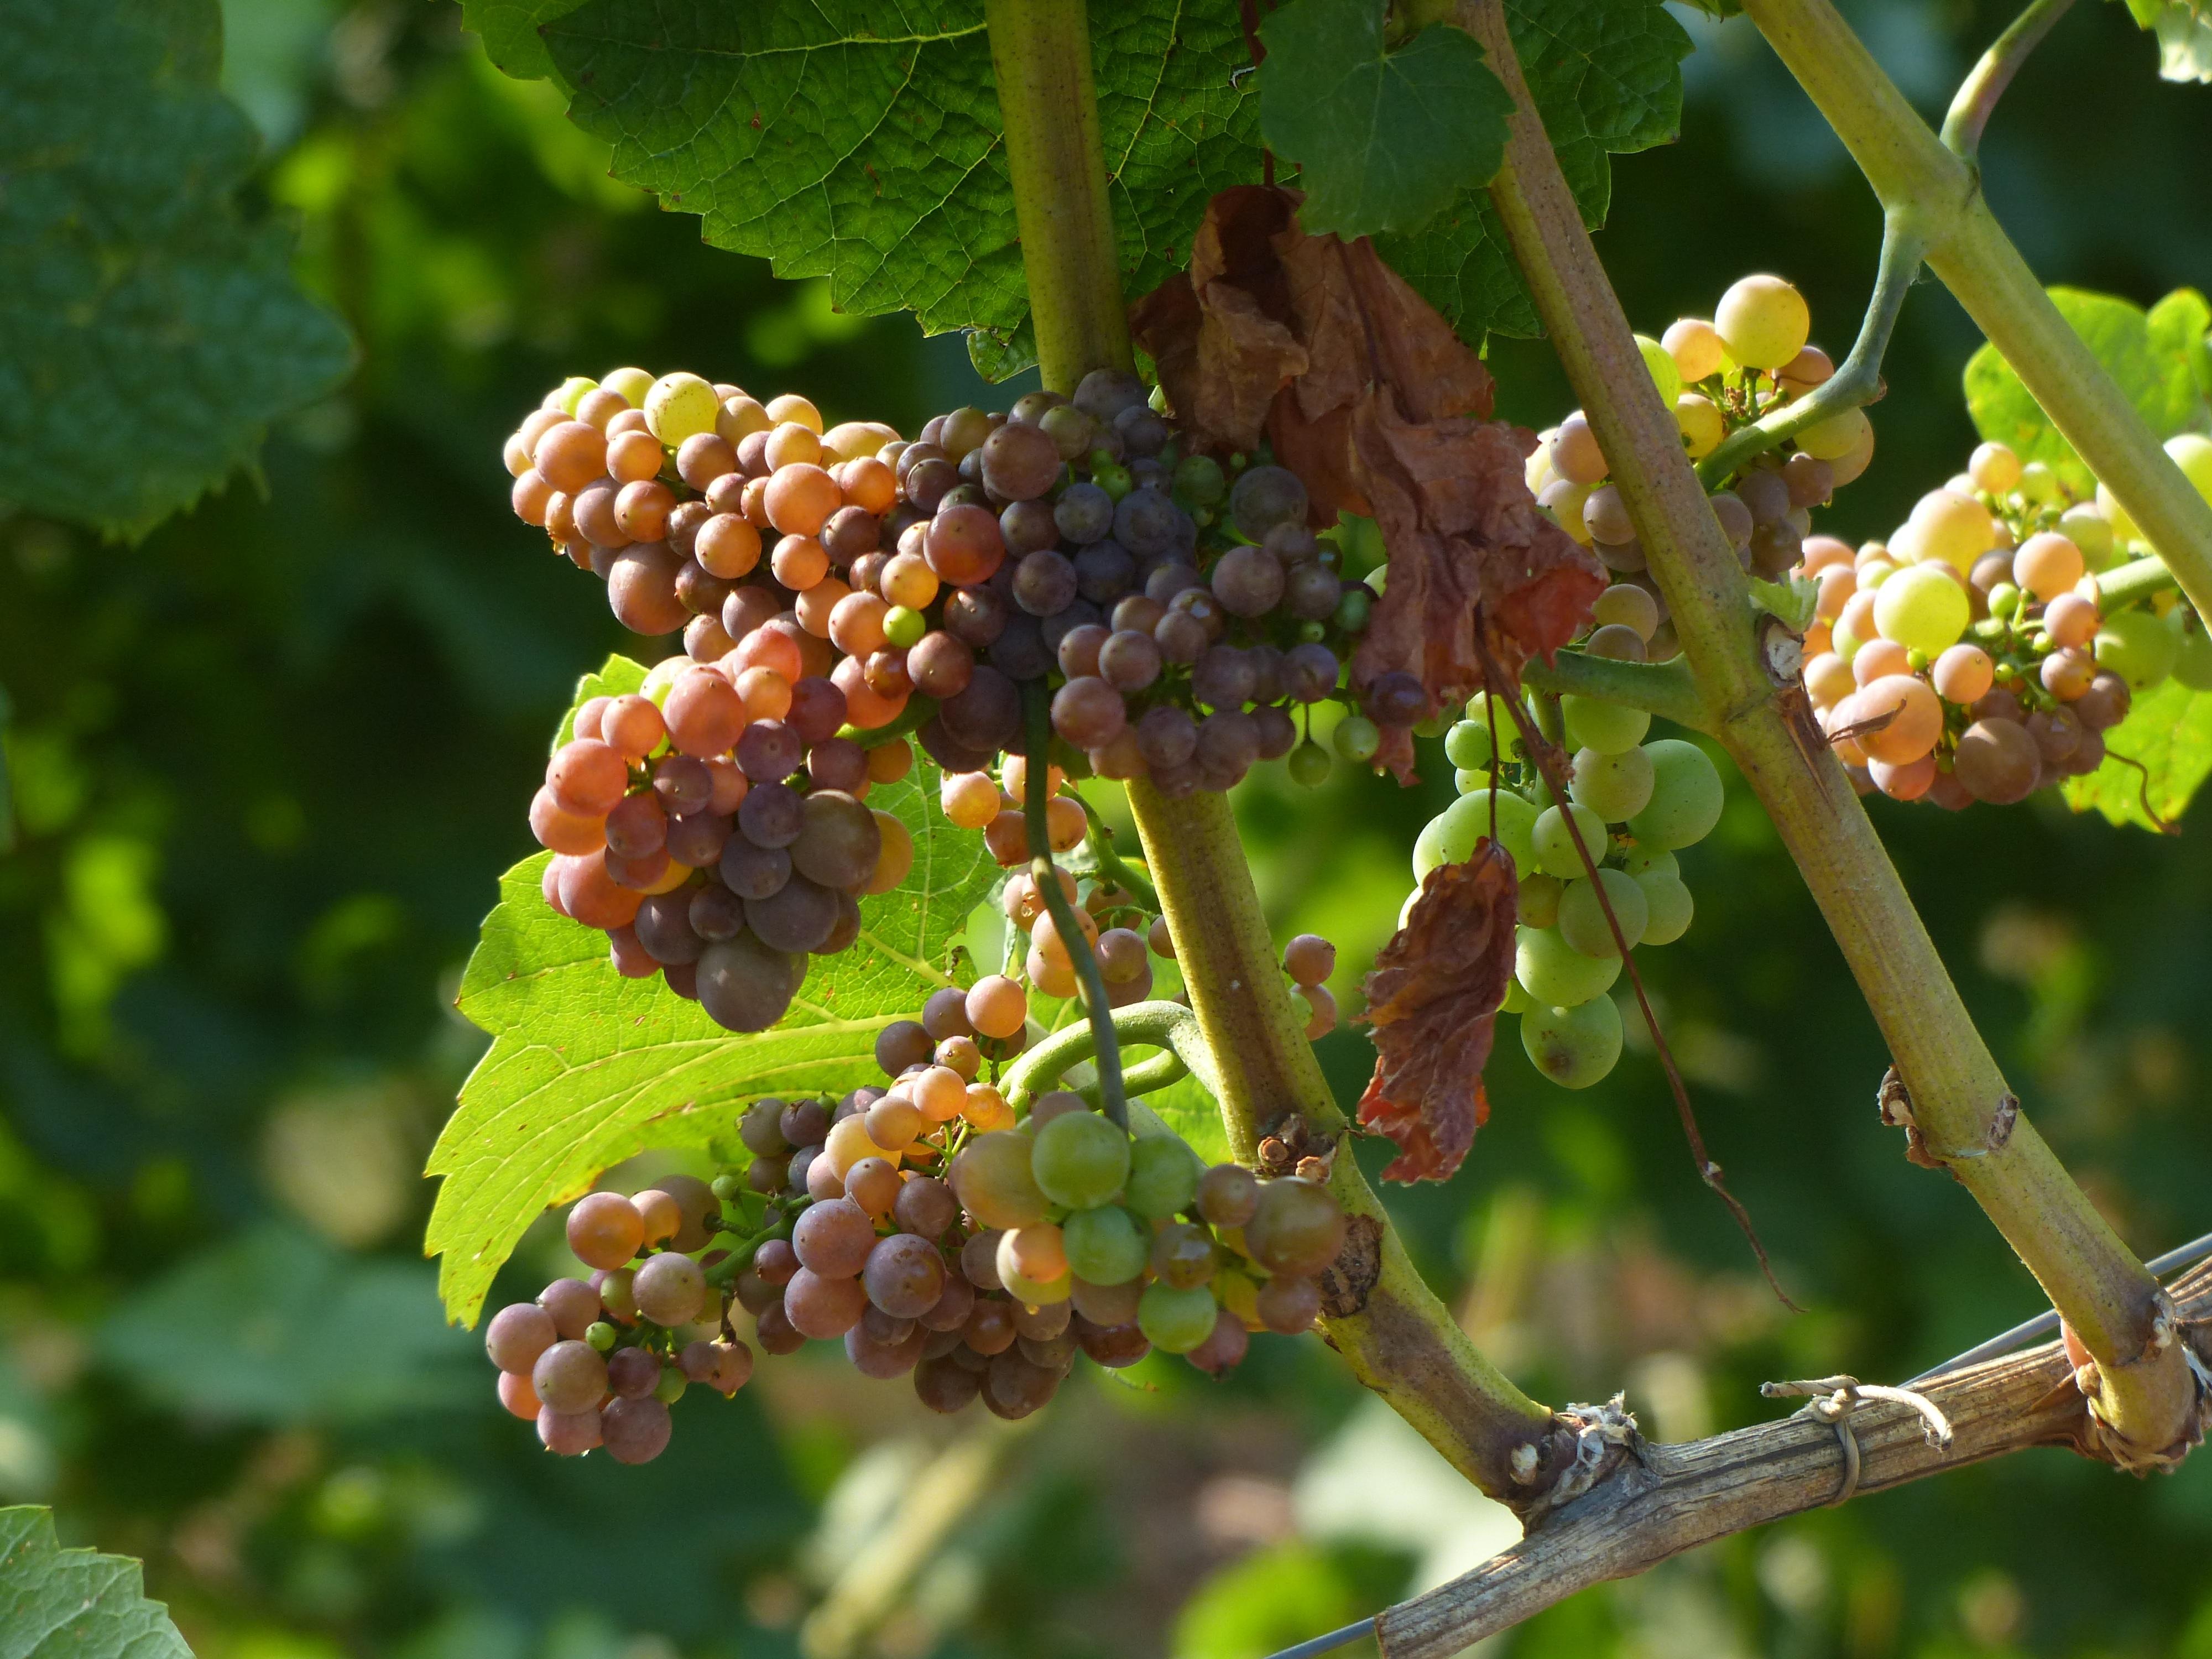 Фото и картинки виноградной лозы